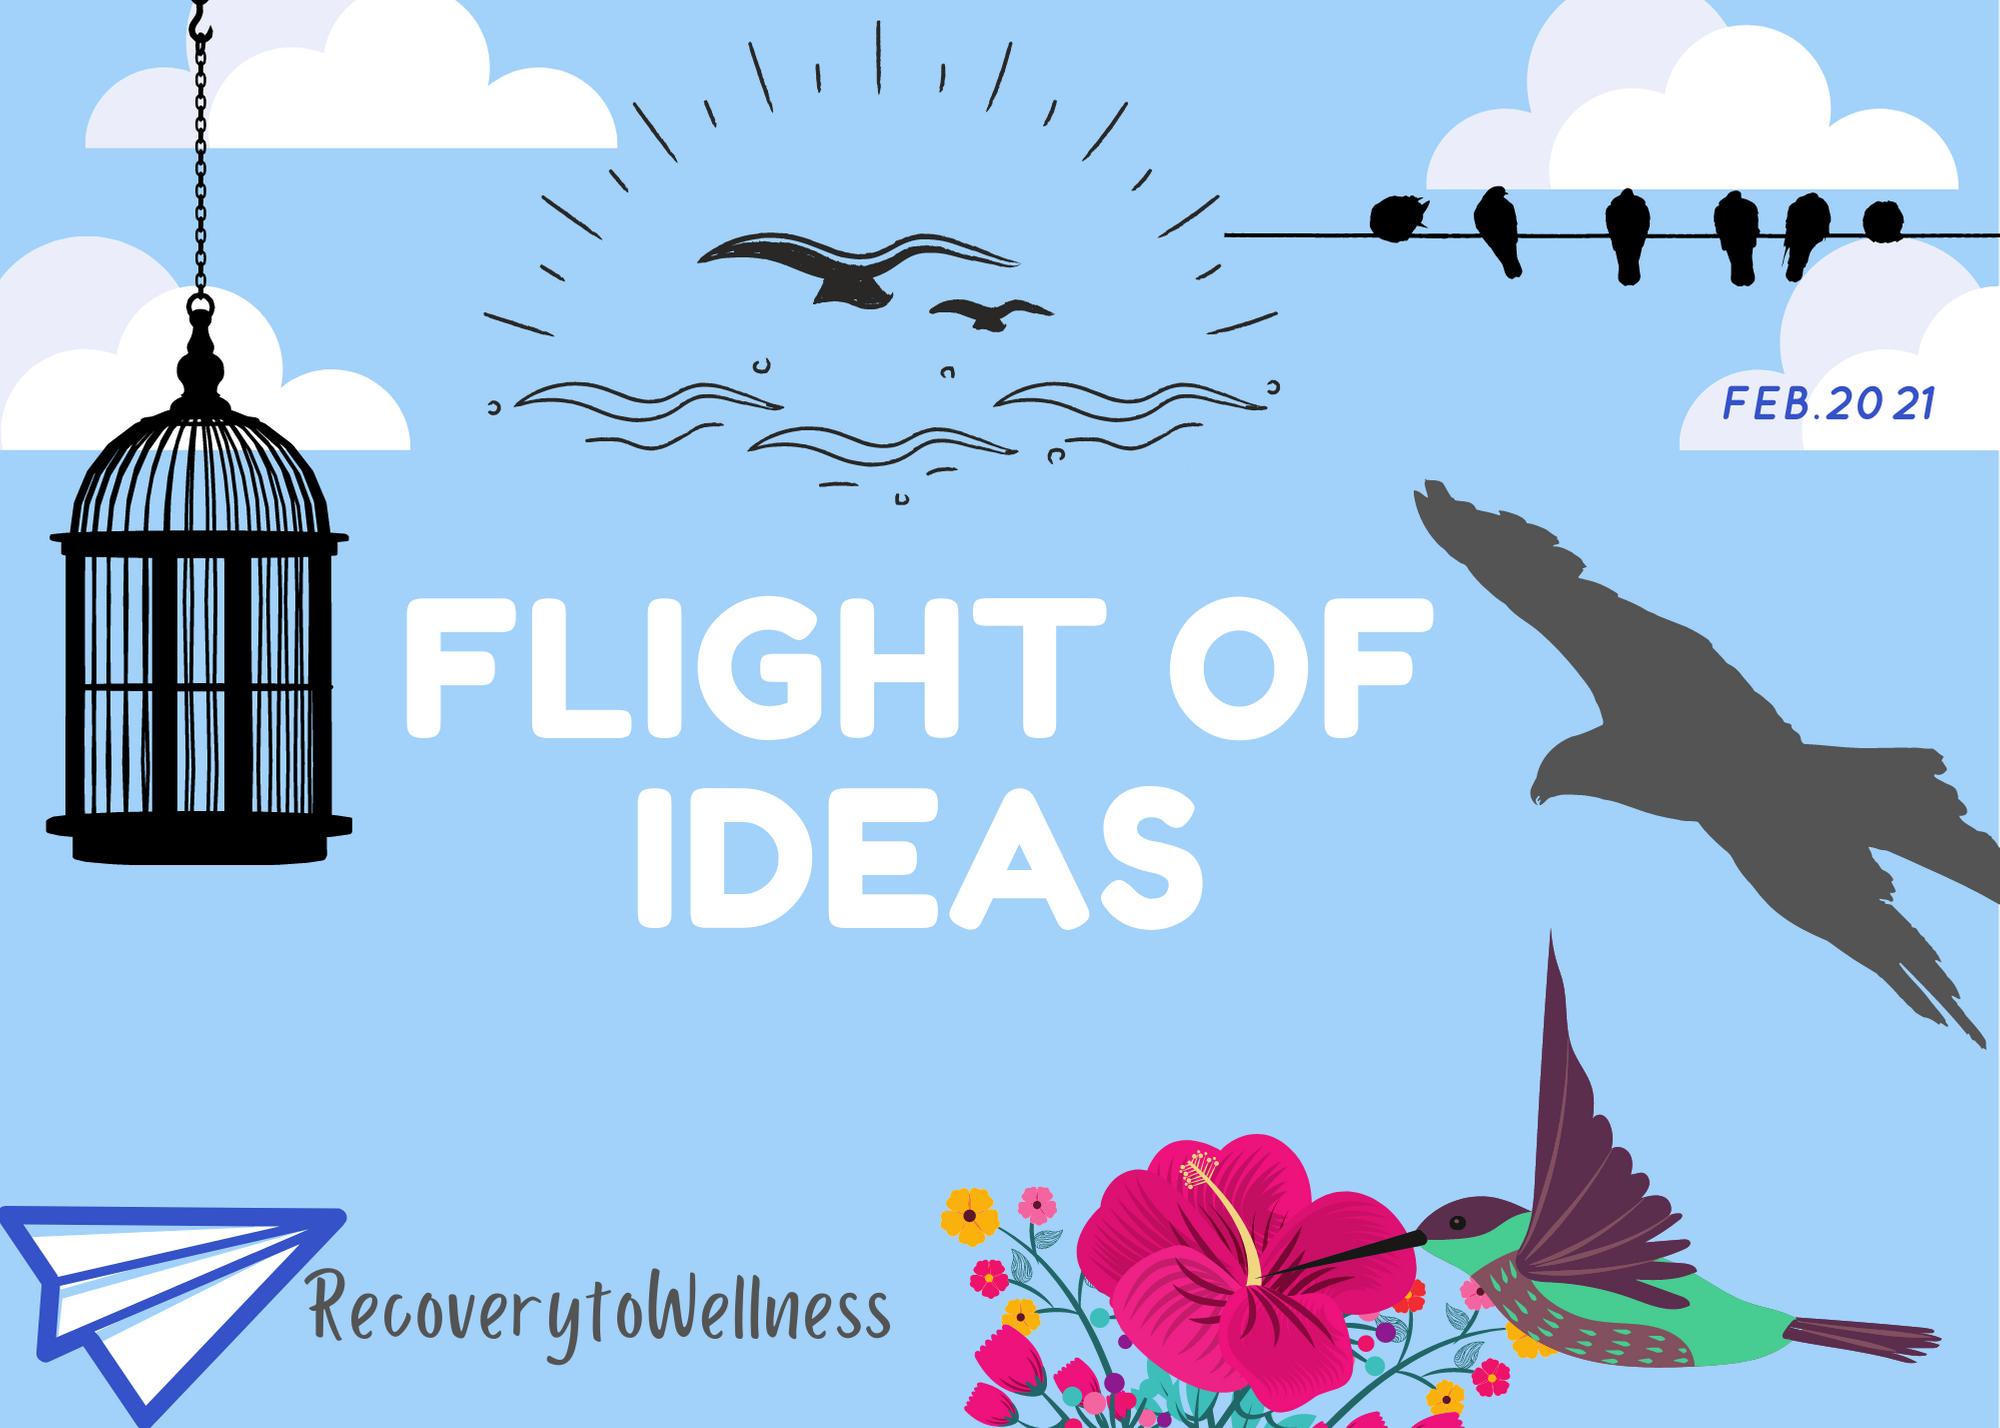 flight-of-ideas-bes-thumb-2.19.21